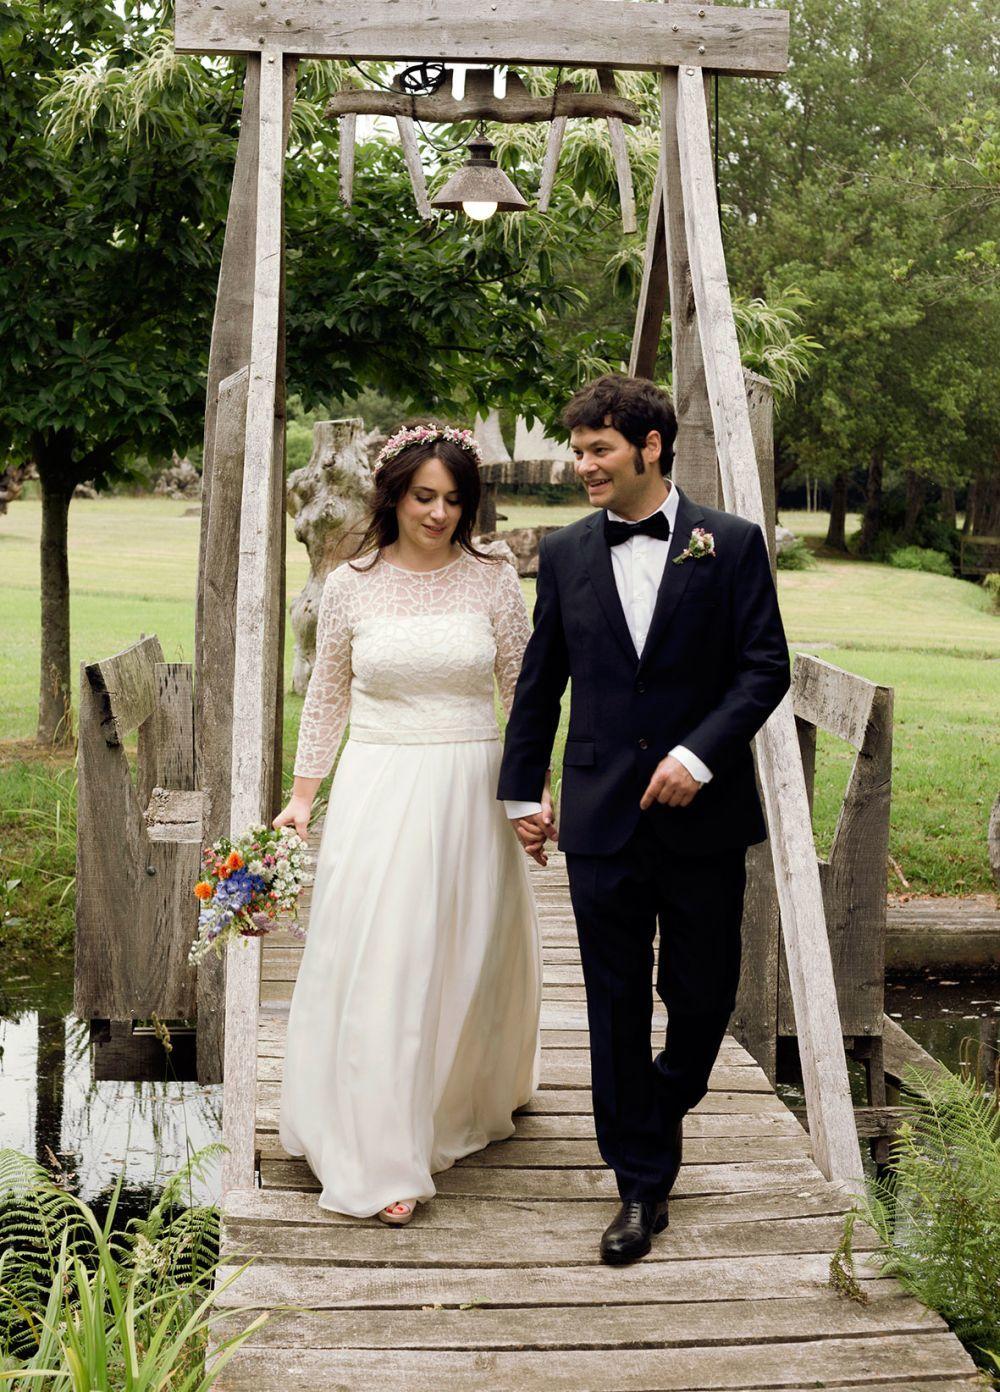 Mónica y Javier se casaron en una boda celebrada en una jardín...